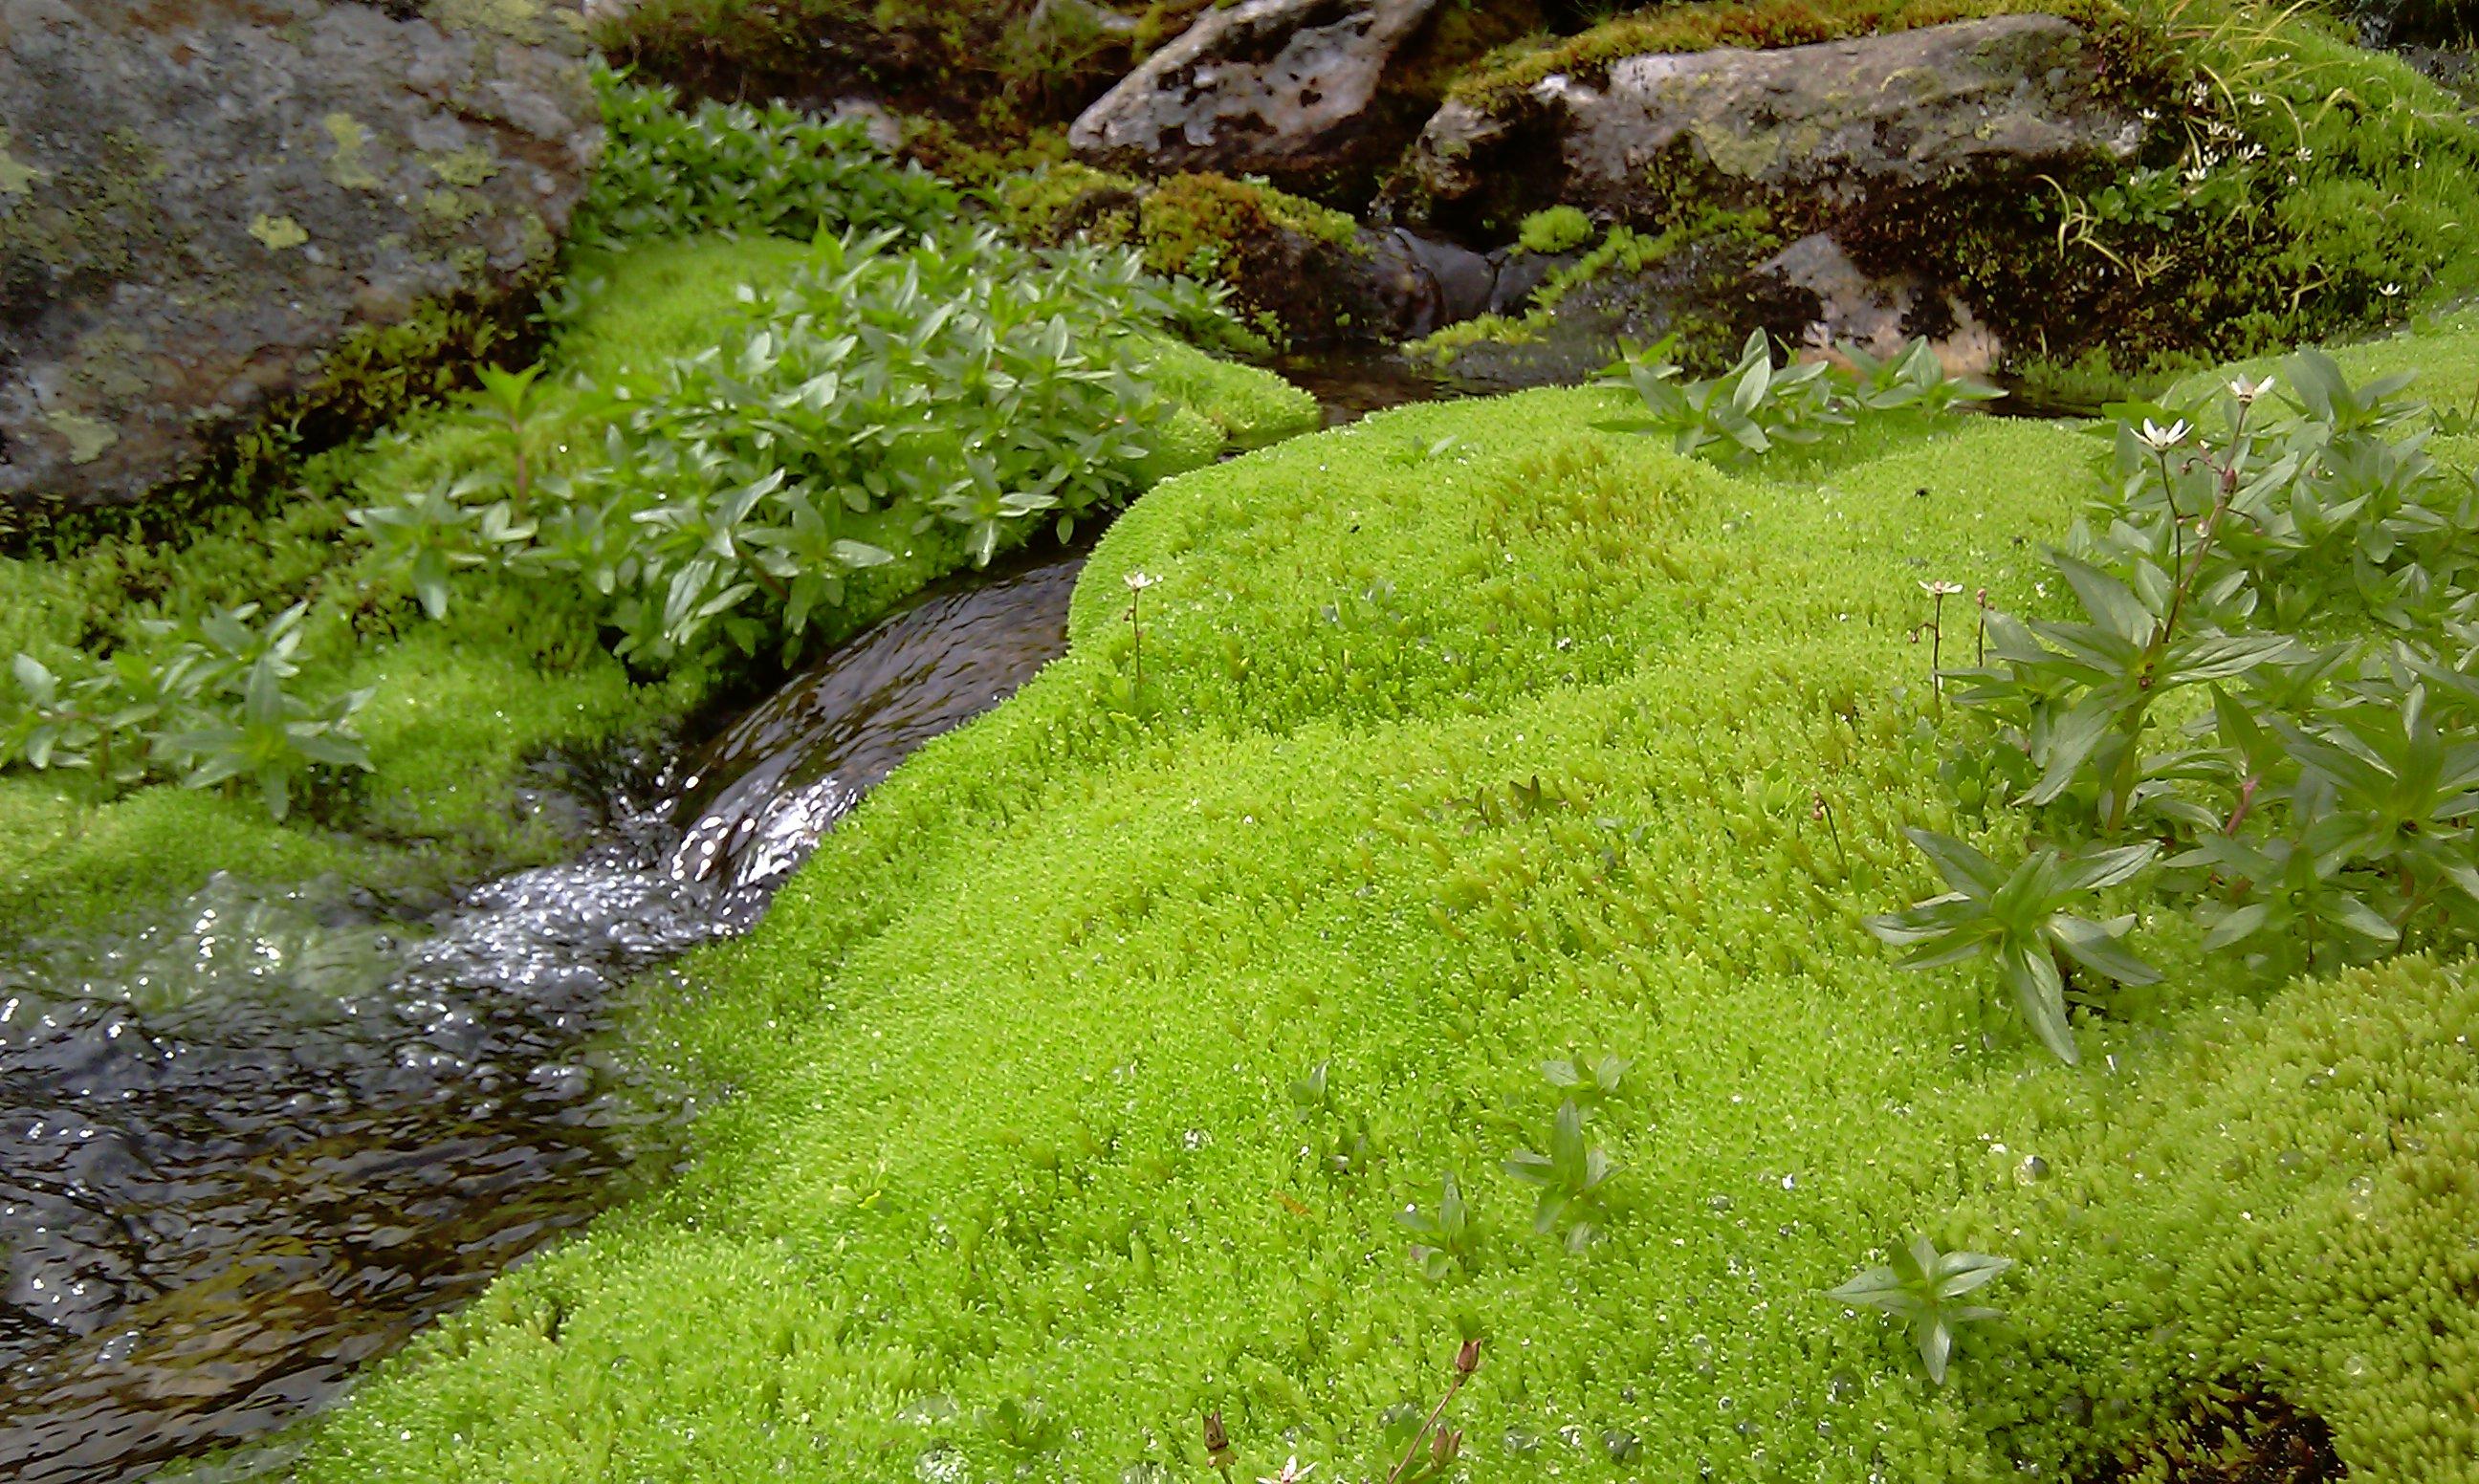 gewirbeltes Wasser - die Natur kapieren und kopieren